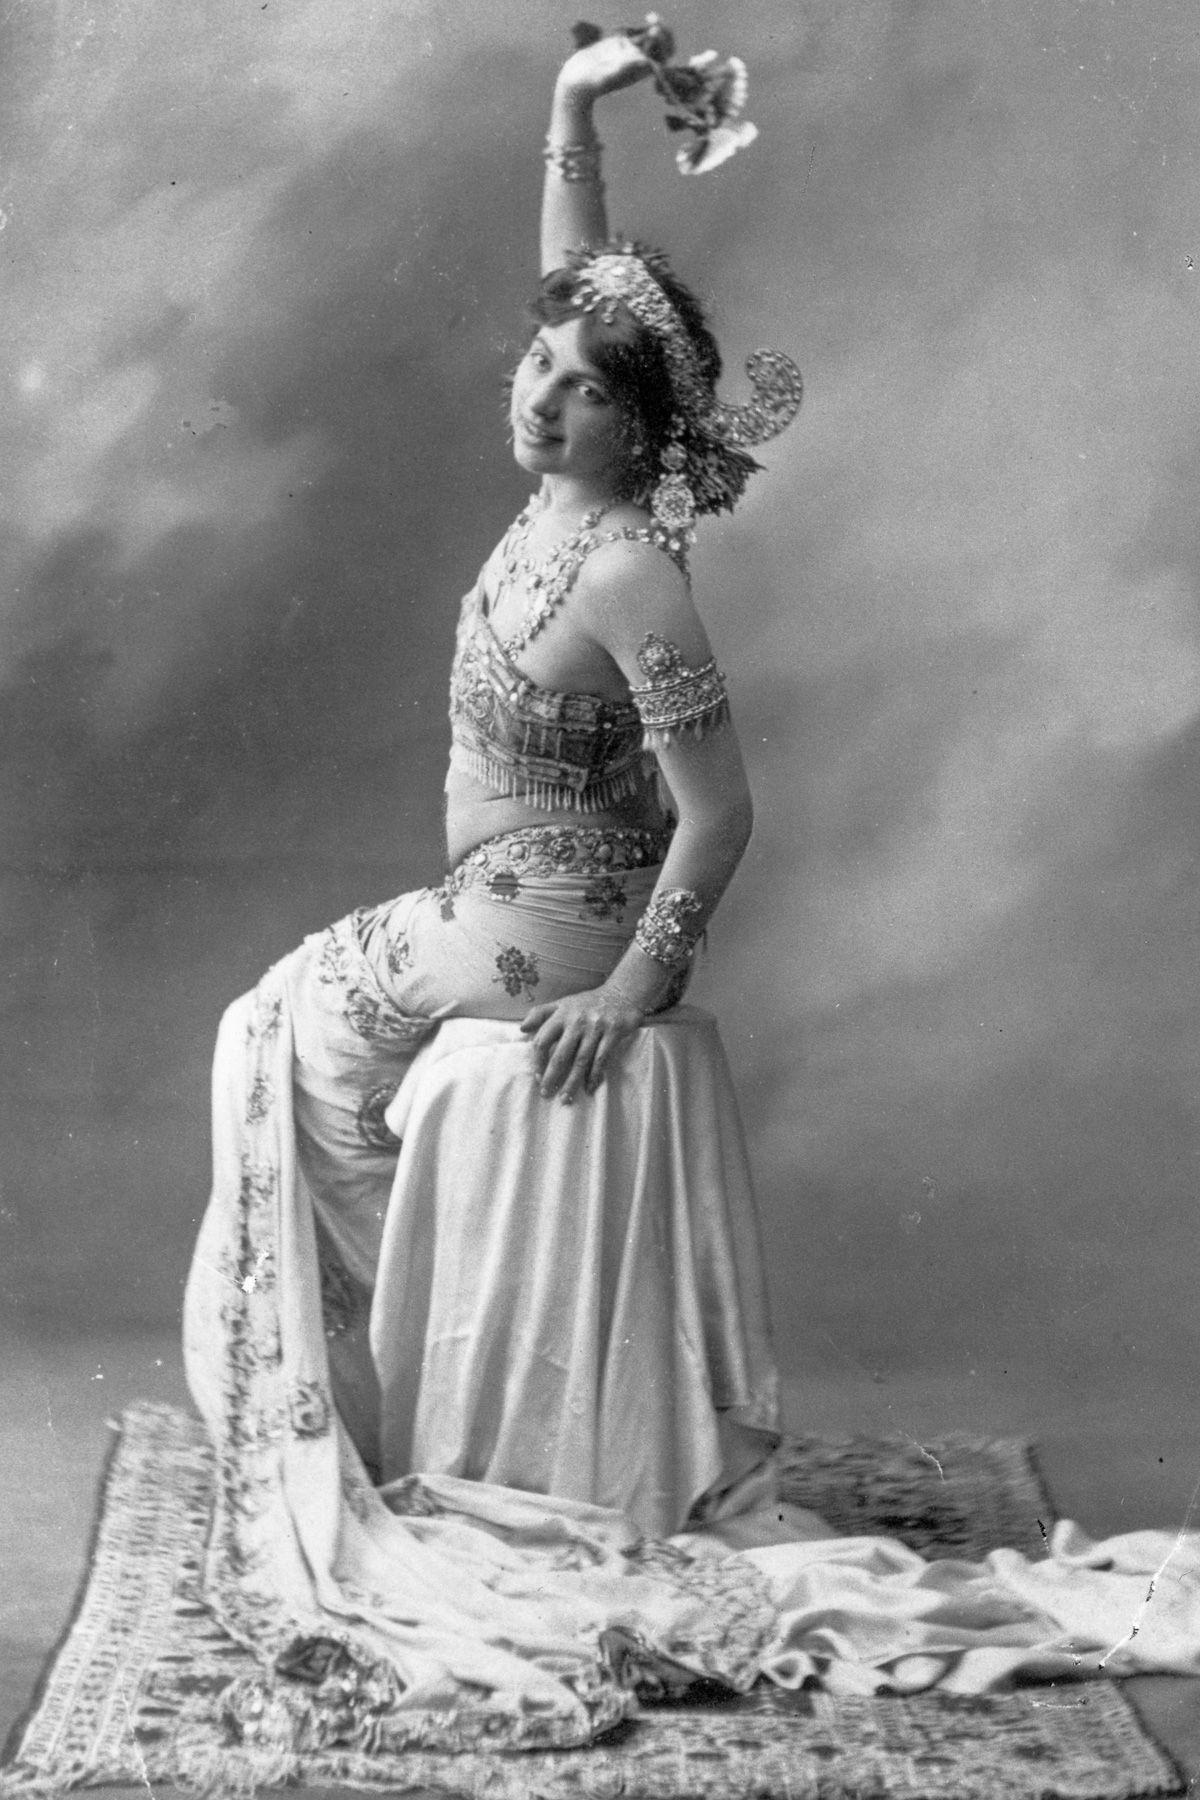 A história dramática de Mata Hari, dançarina exótica e notória espiã da Primeira Guerra Mundial 11